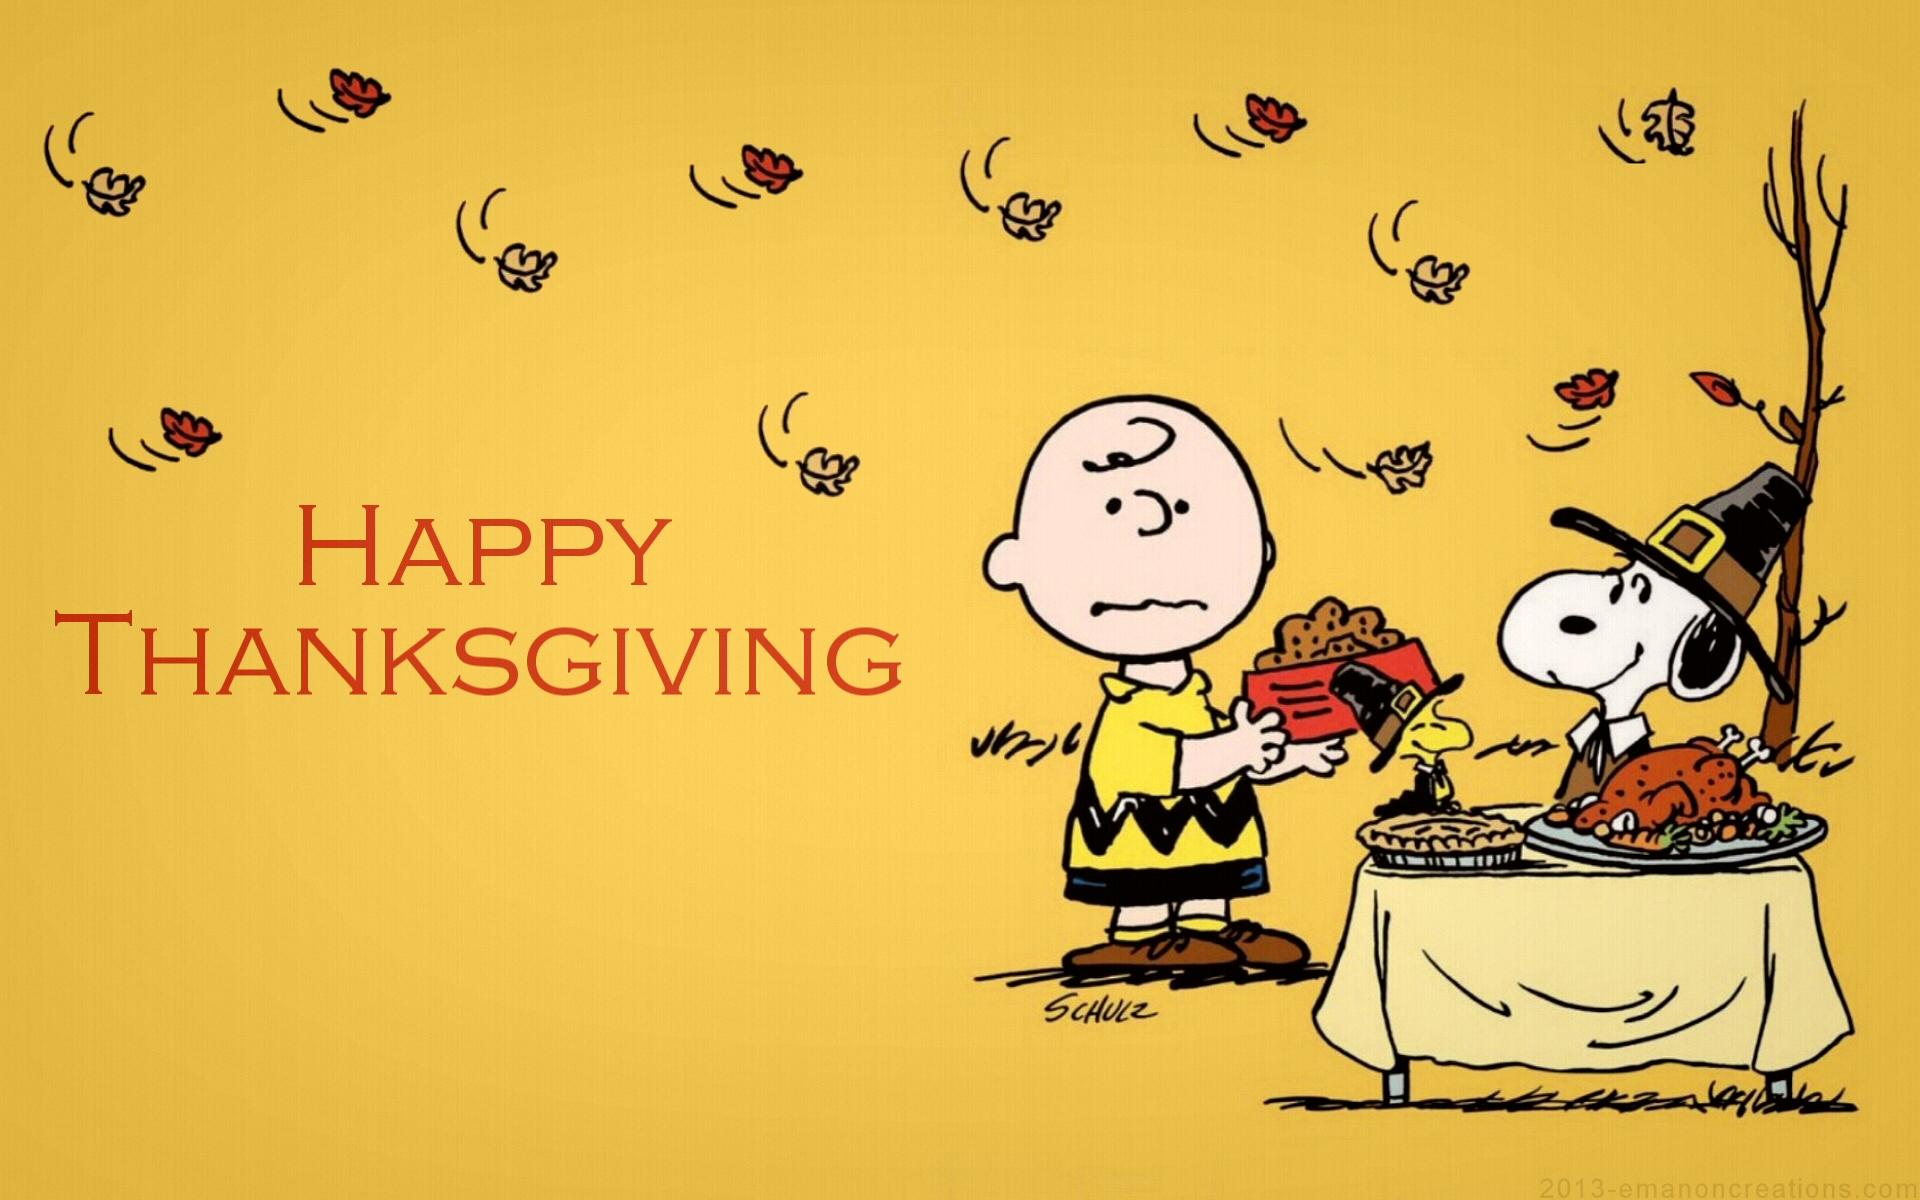 [45+] Free Snoopy Thanksgiving Wallpaper on WallpaperSafari